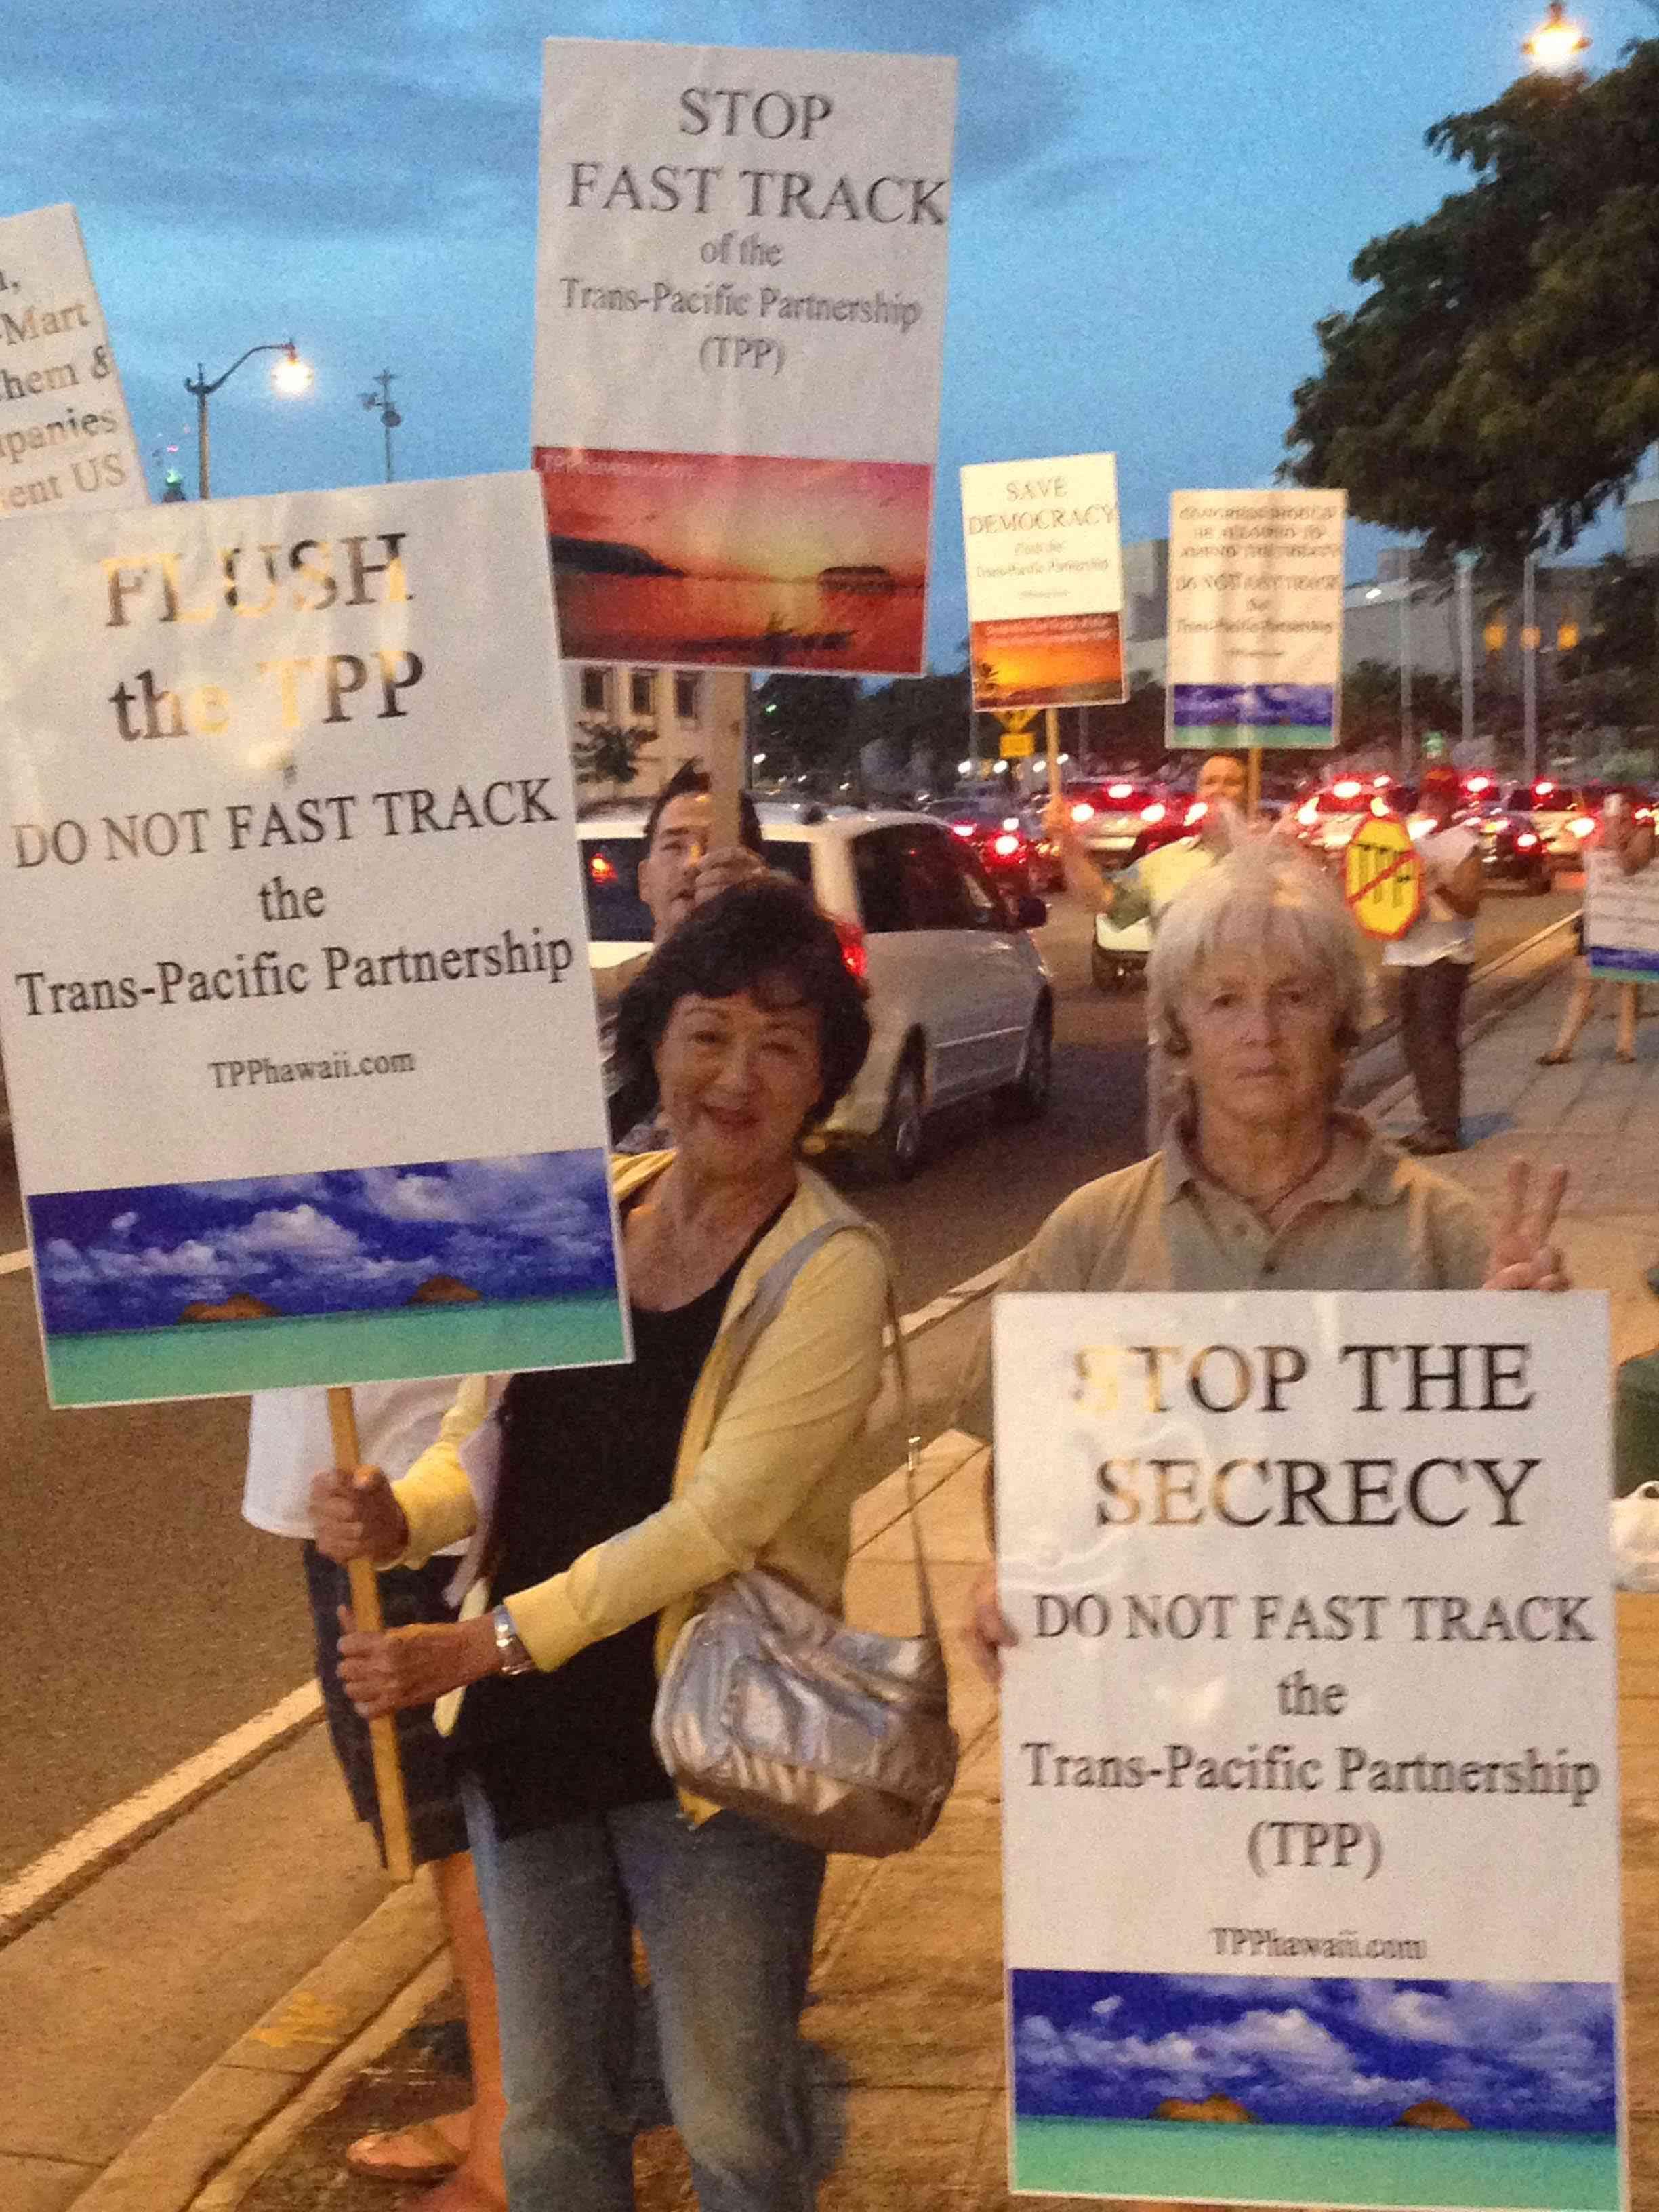 Anti-TPP Campaign Raises Awareness in Honolulu